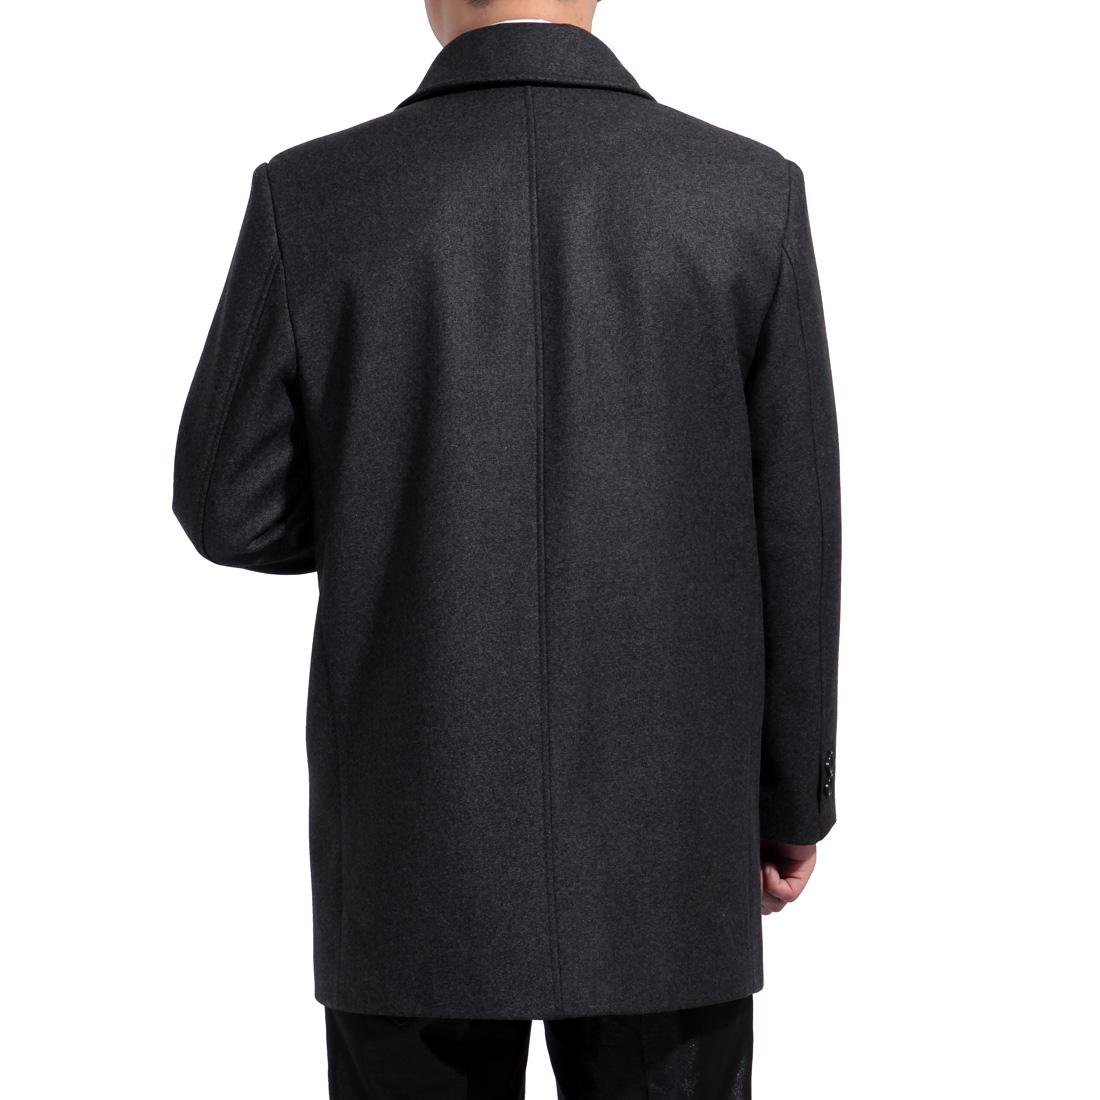 Пальто мужское Factory outlets d/666 2013